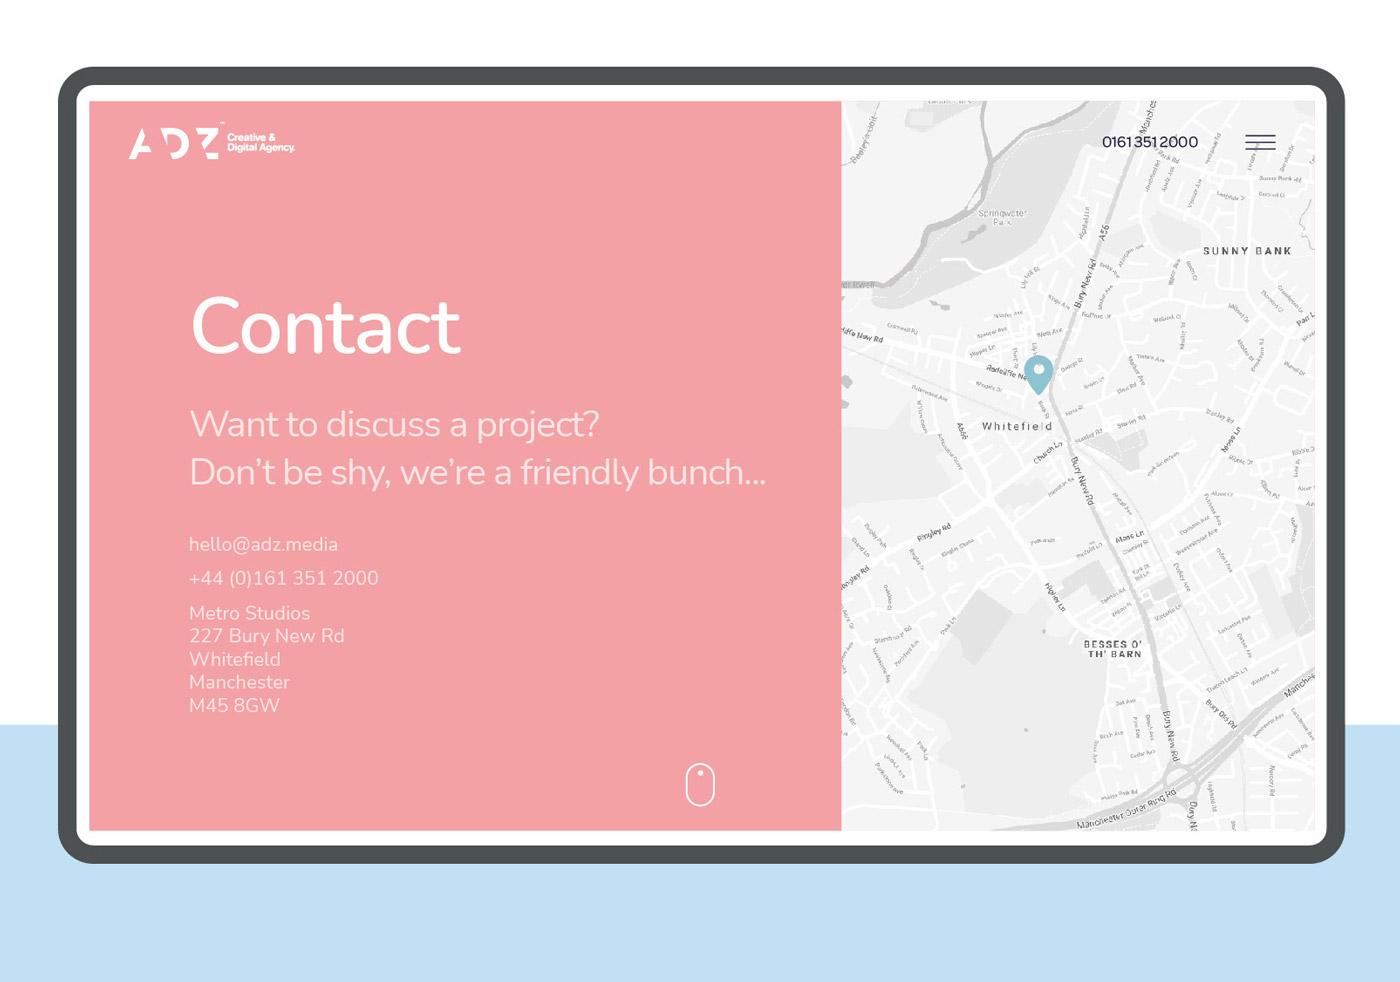 adz_contact-desktop